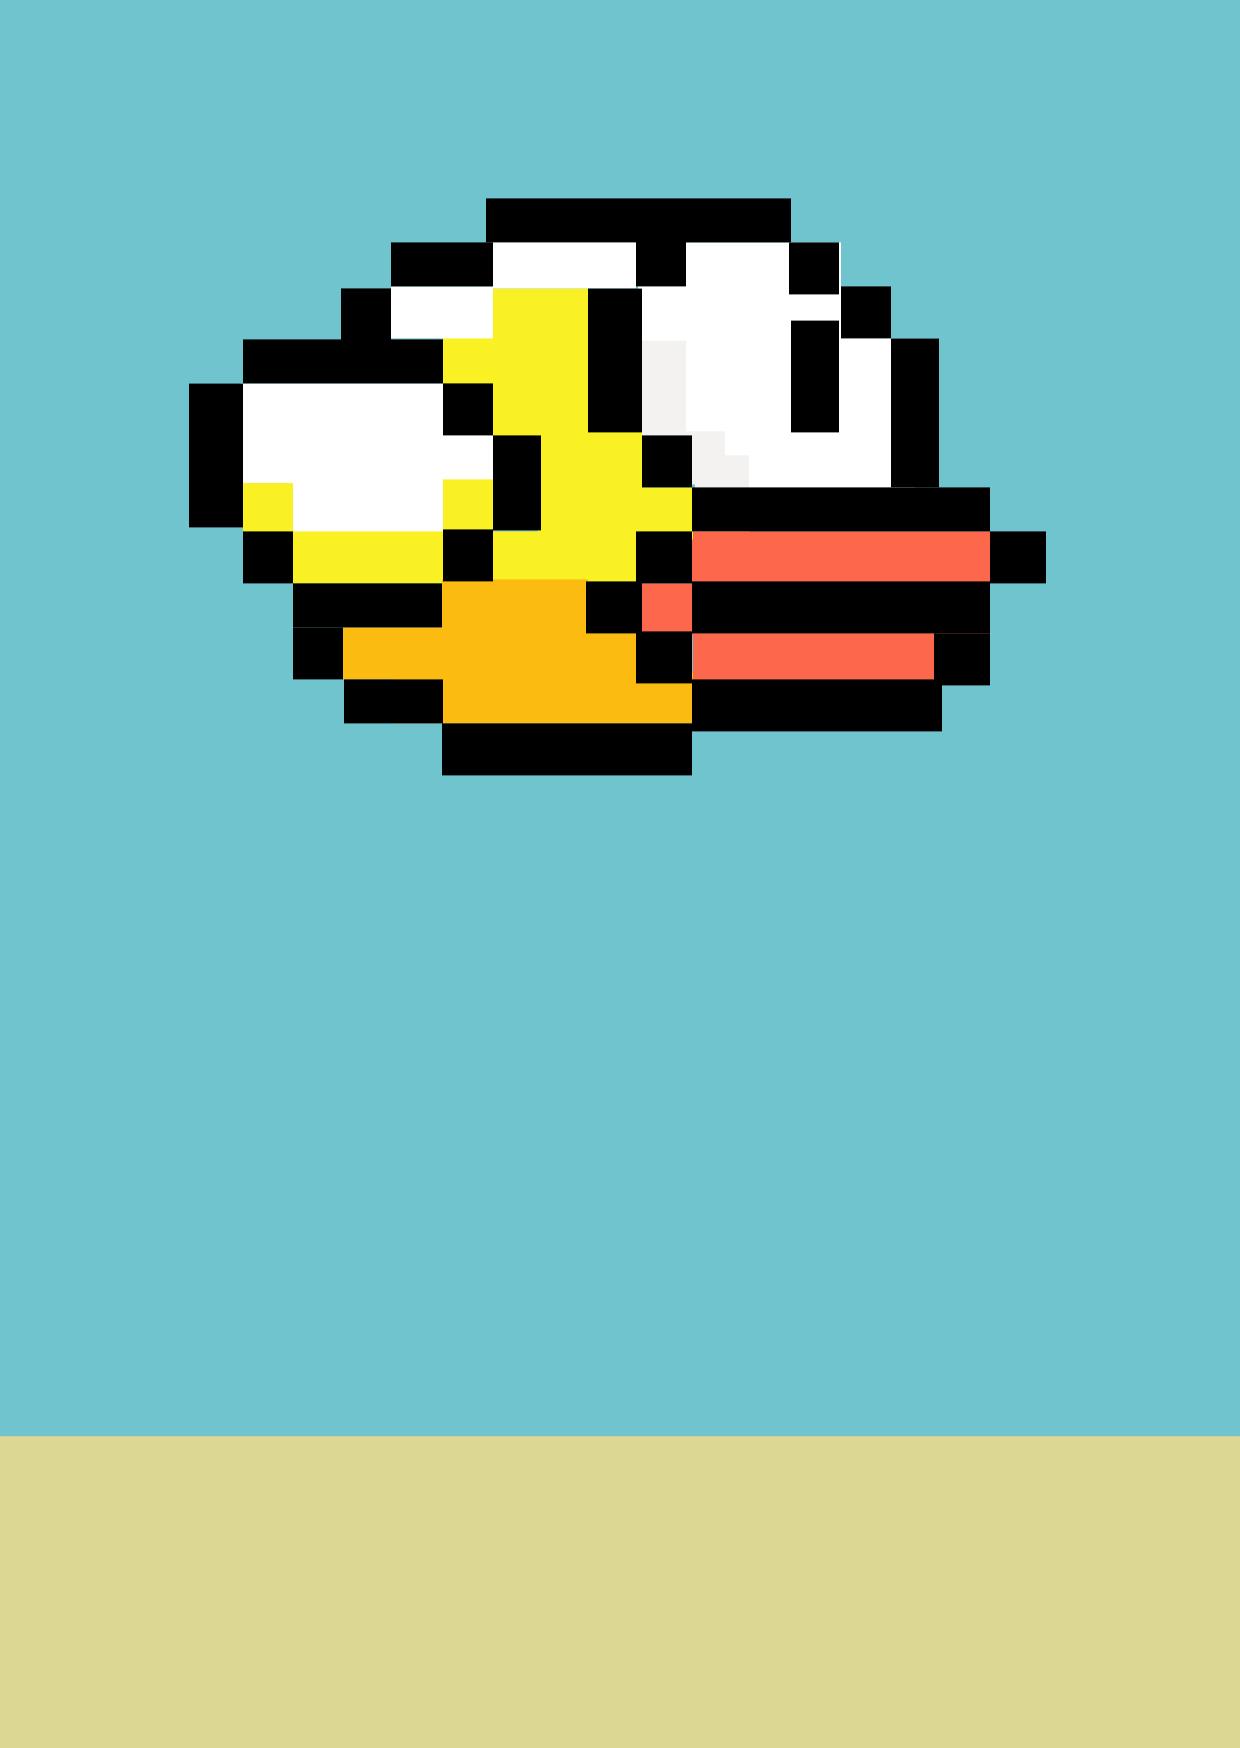 flappy bird13 flappy bird13